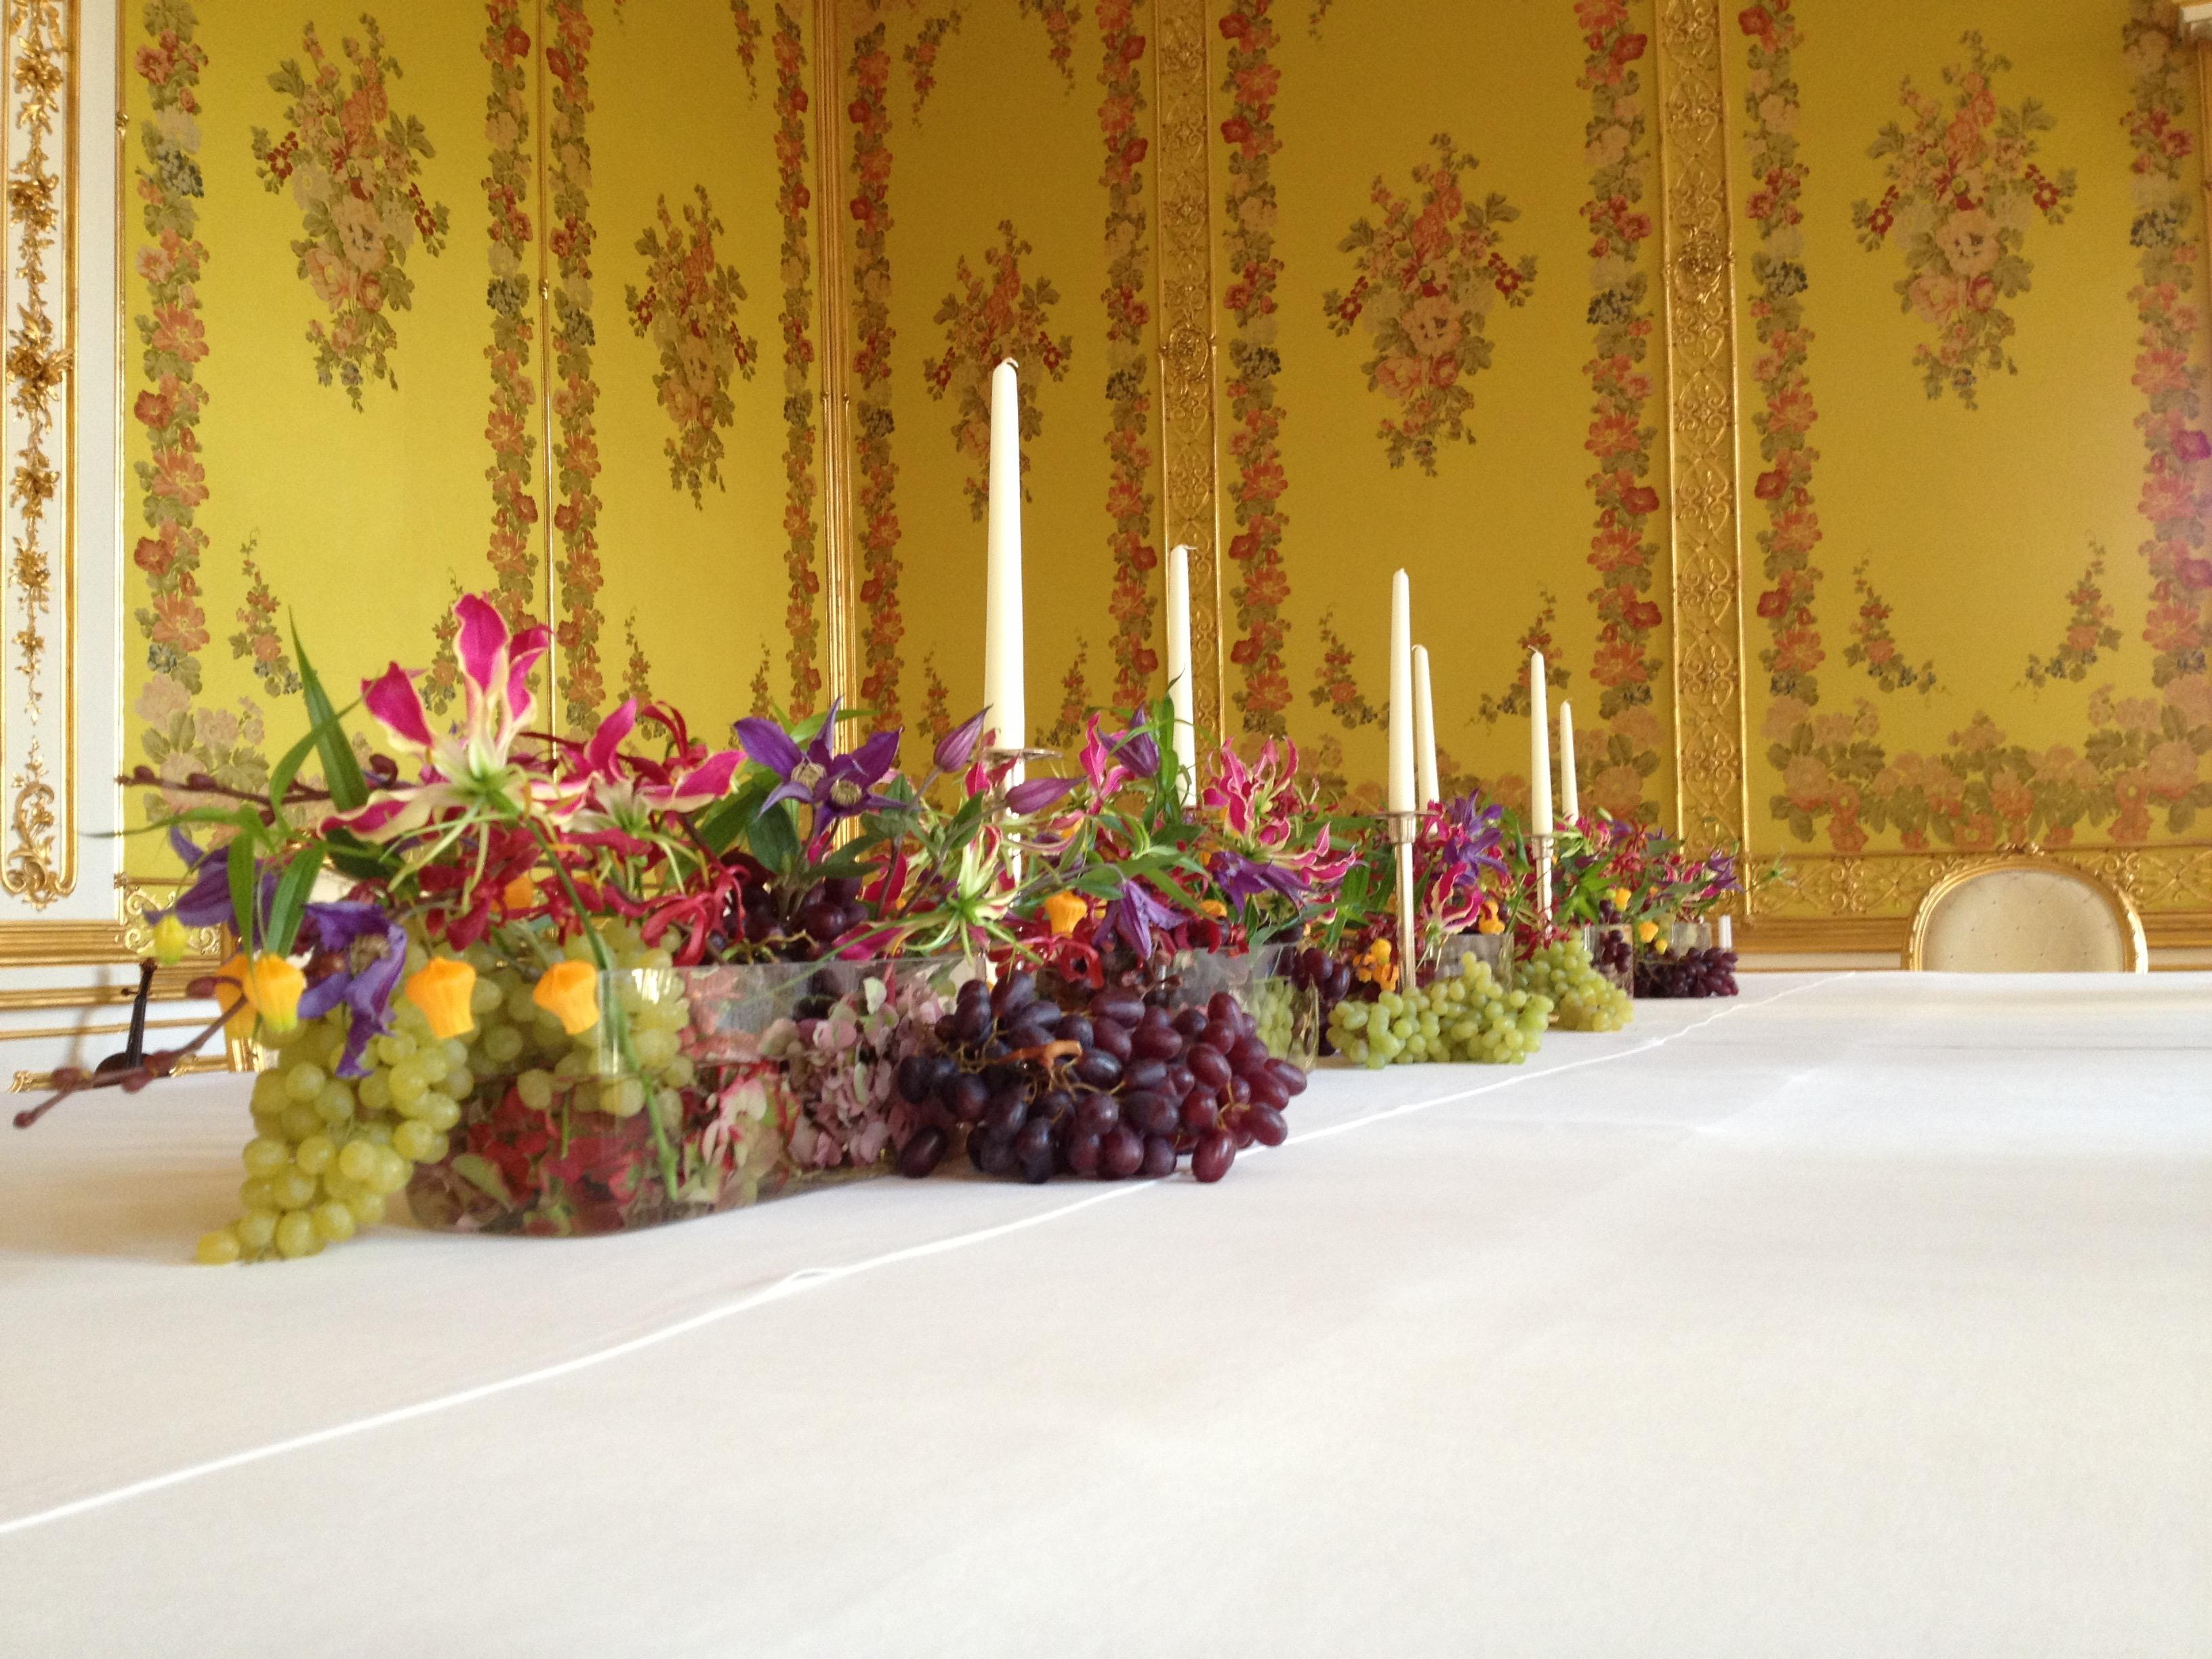 Hotelfloristik langes Arrangement mit bunten Blumen in langer durchsichtigen Glasschale mit roten und gruenen Weintrauben